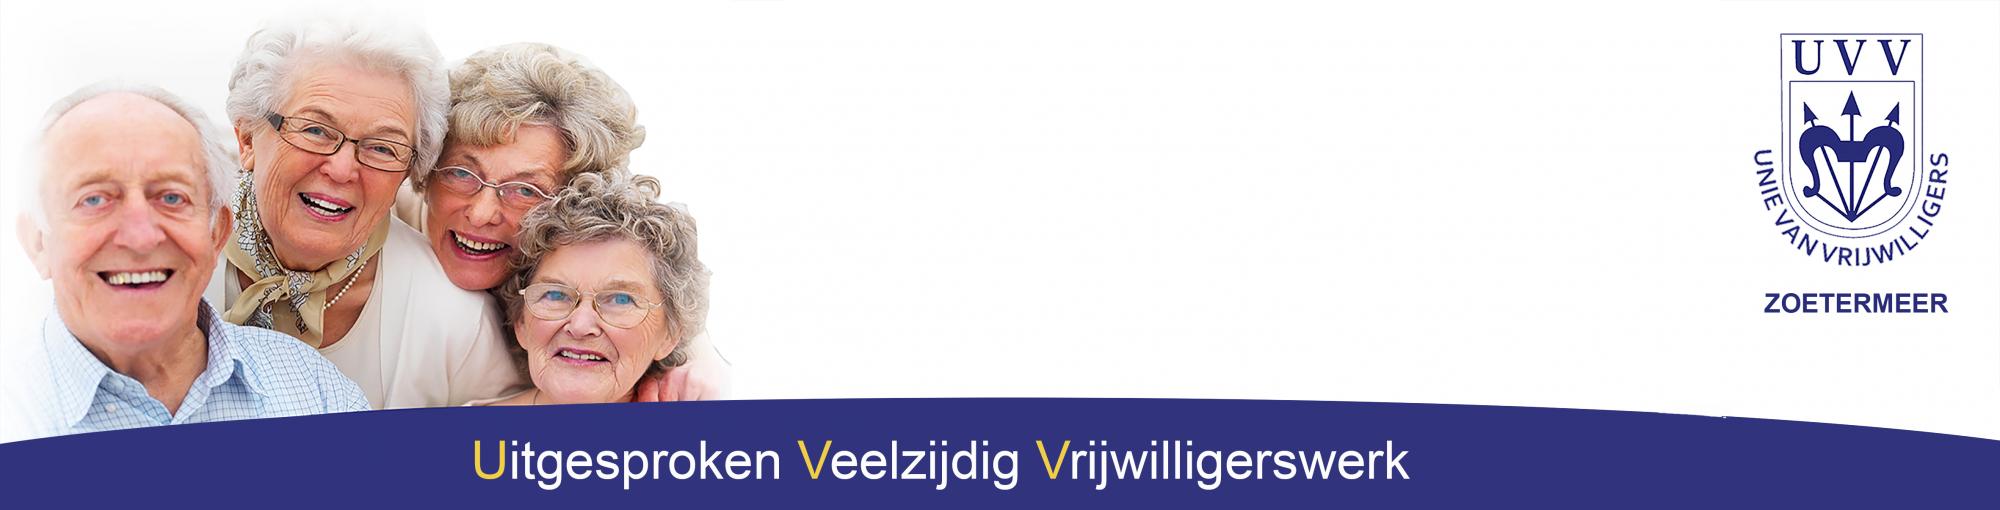 UVV Zoetermeer